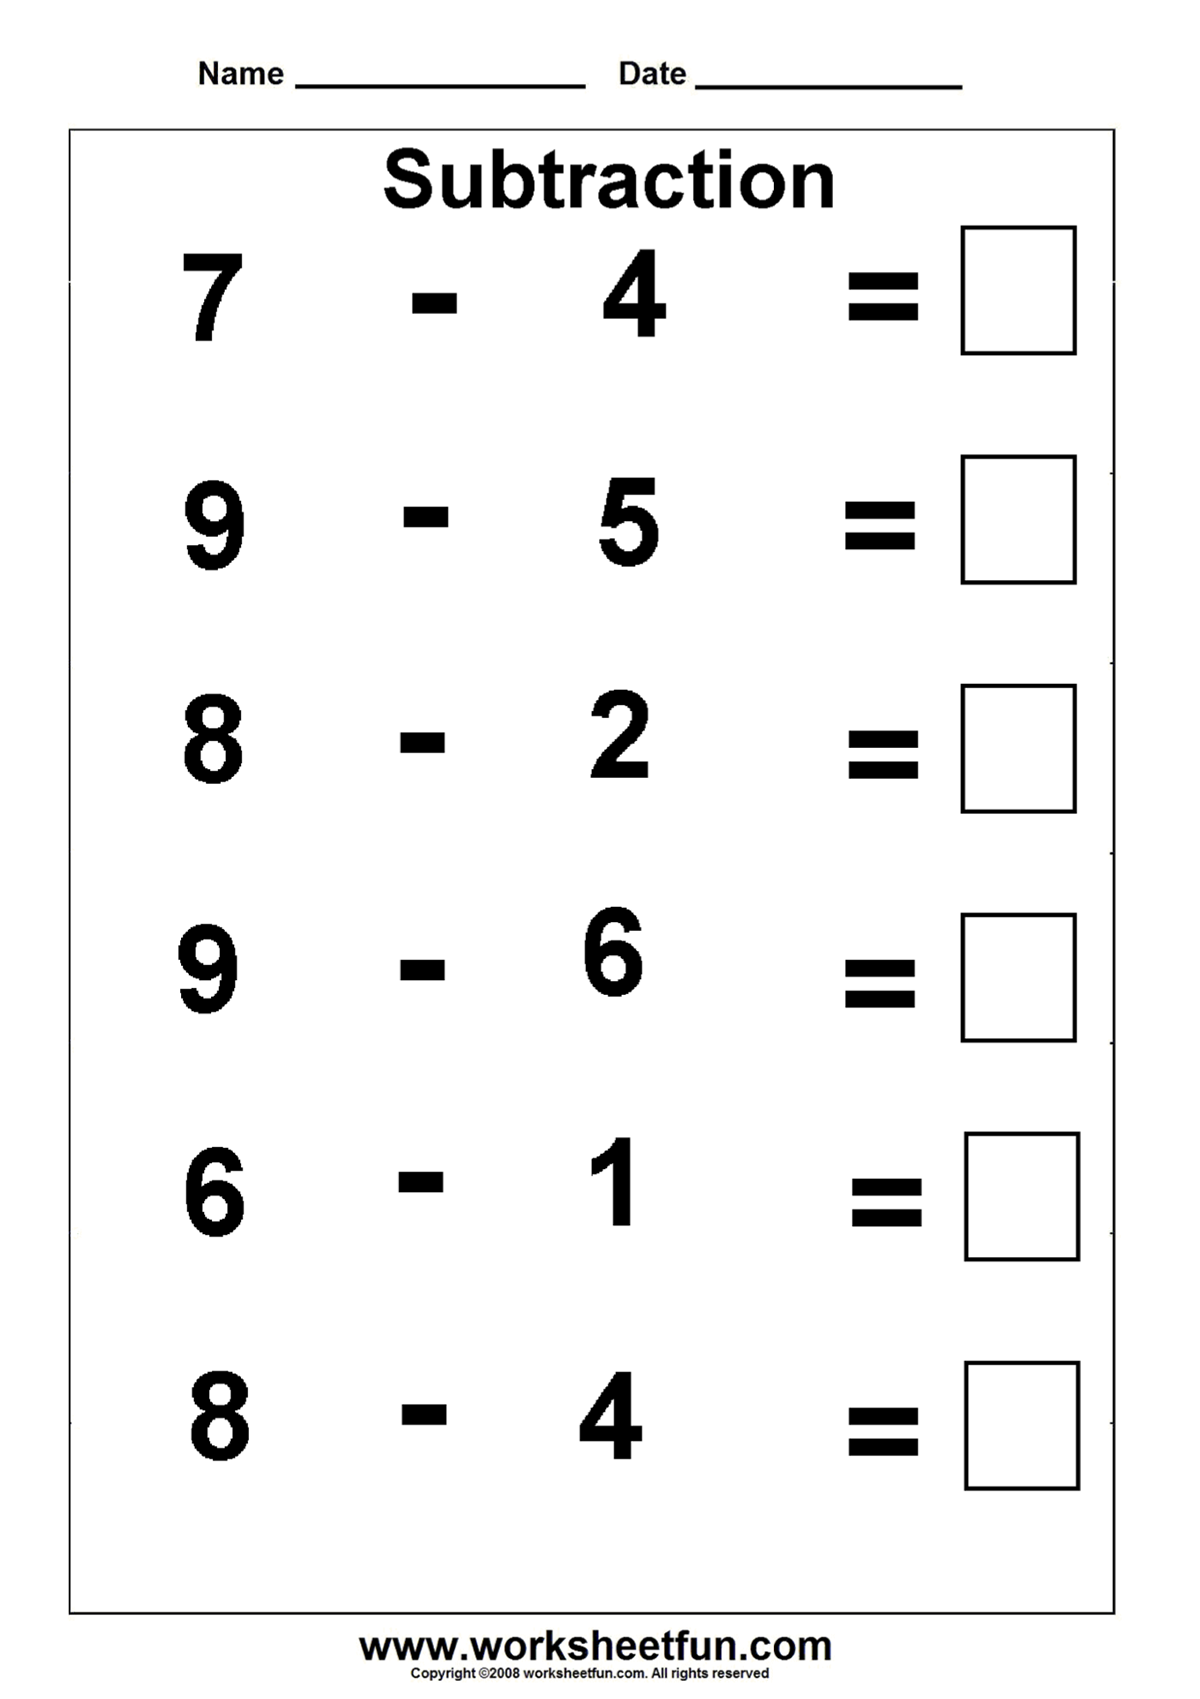 Subtraction worksheet   Kindergarten math worksheets free [ 1699 x 1200 Pixel ]